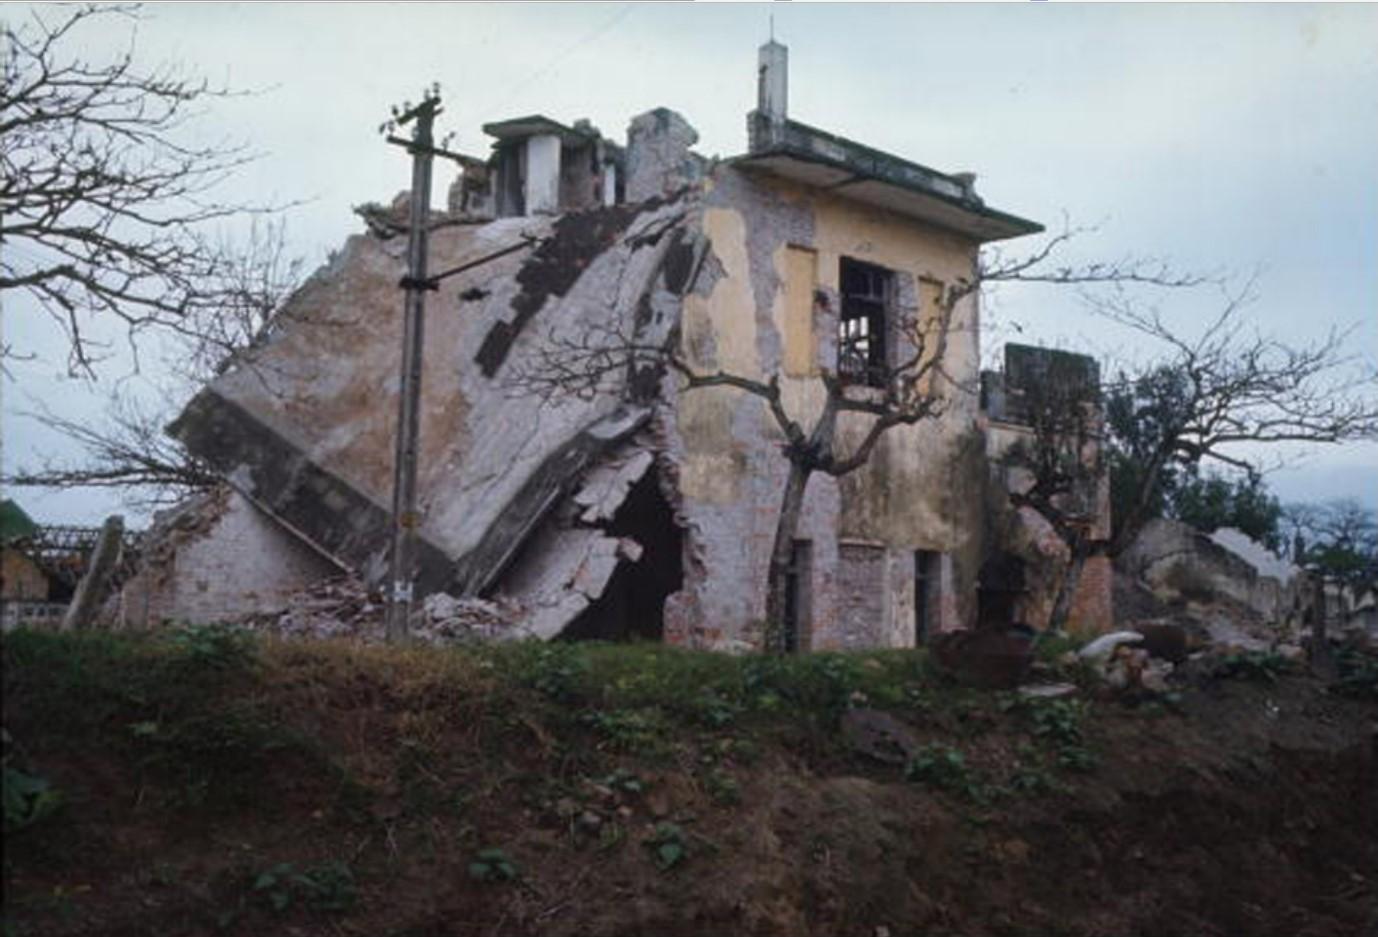 Разрушенный дом на автодорожном перекрестке в Пху Ли, северная часть Вьетнама ниже Ханоя